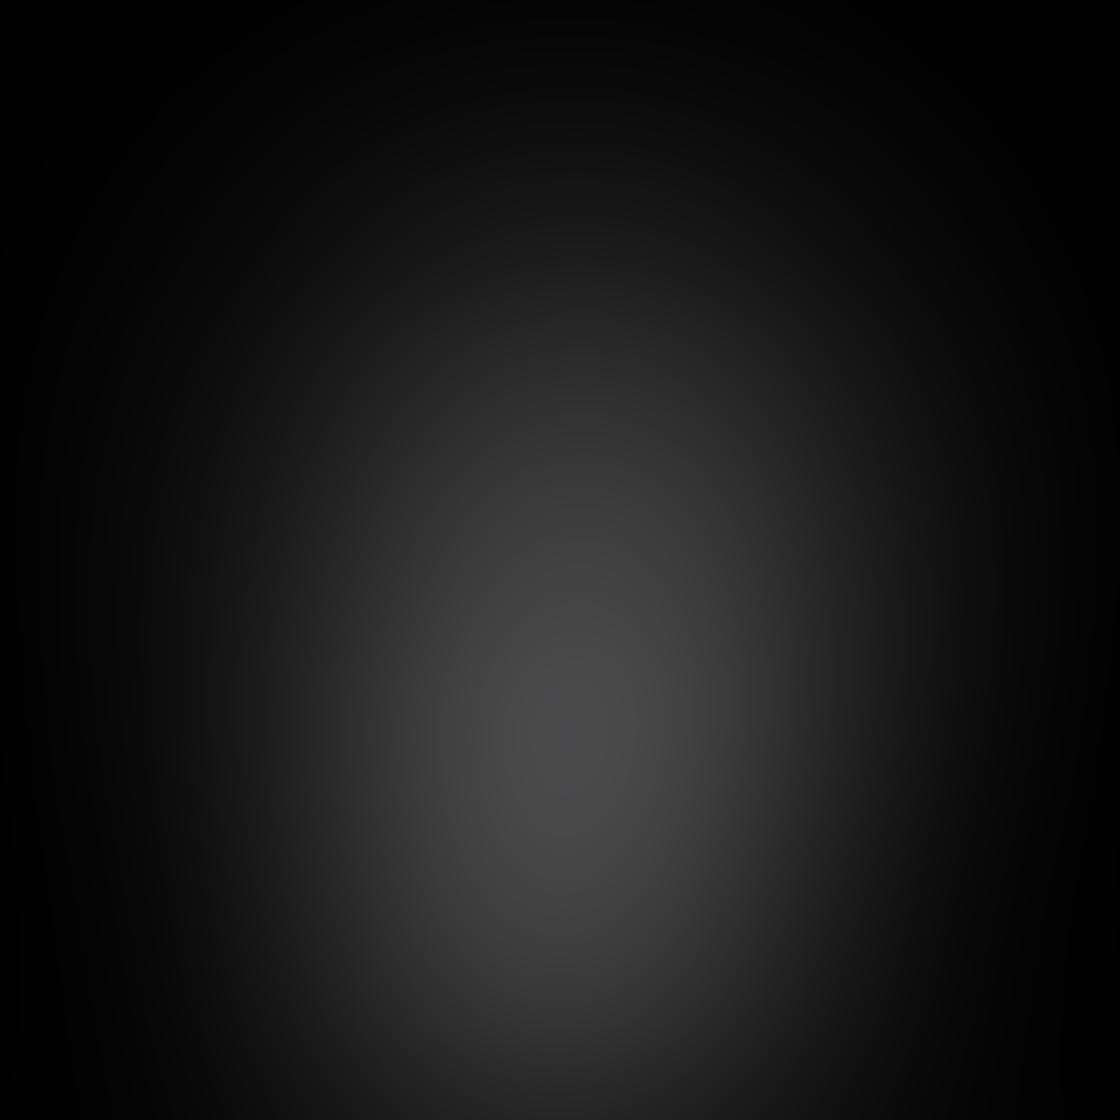 Low Light iPhone Photos 9